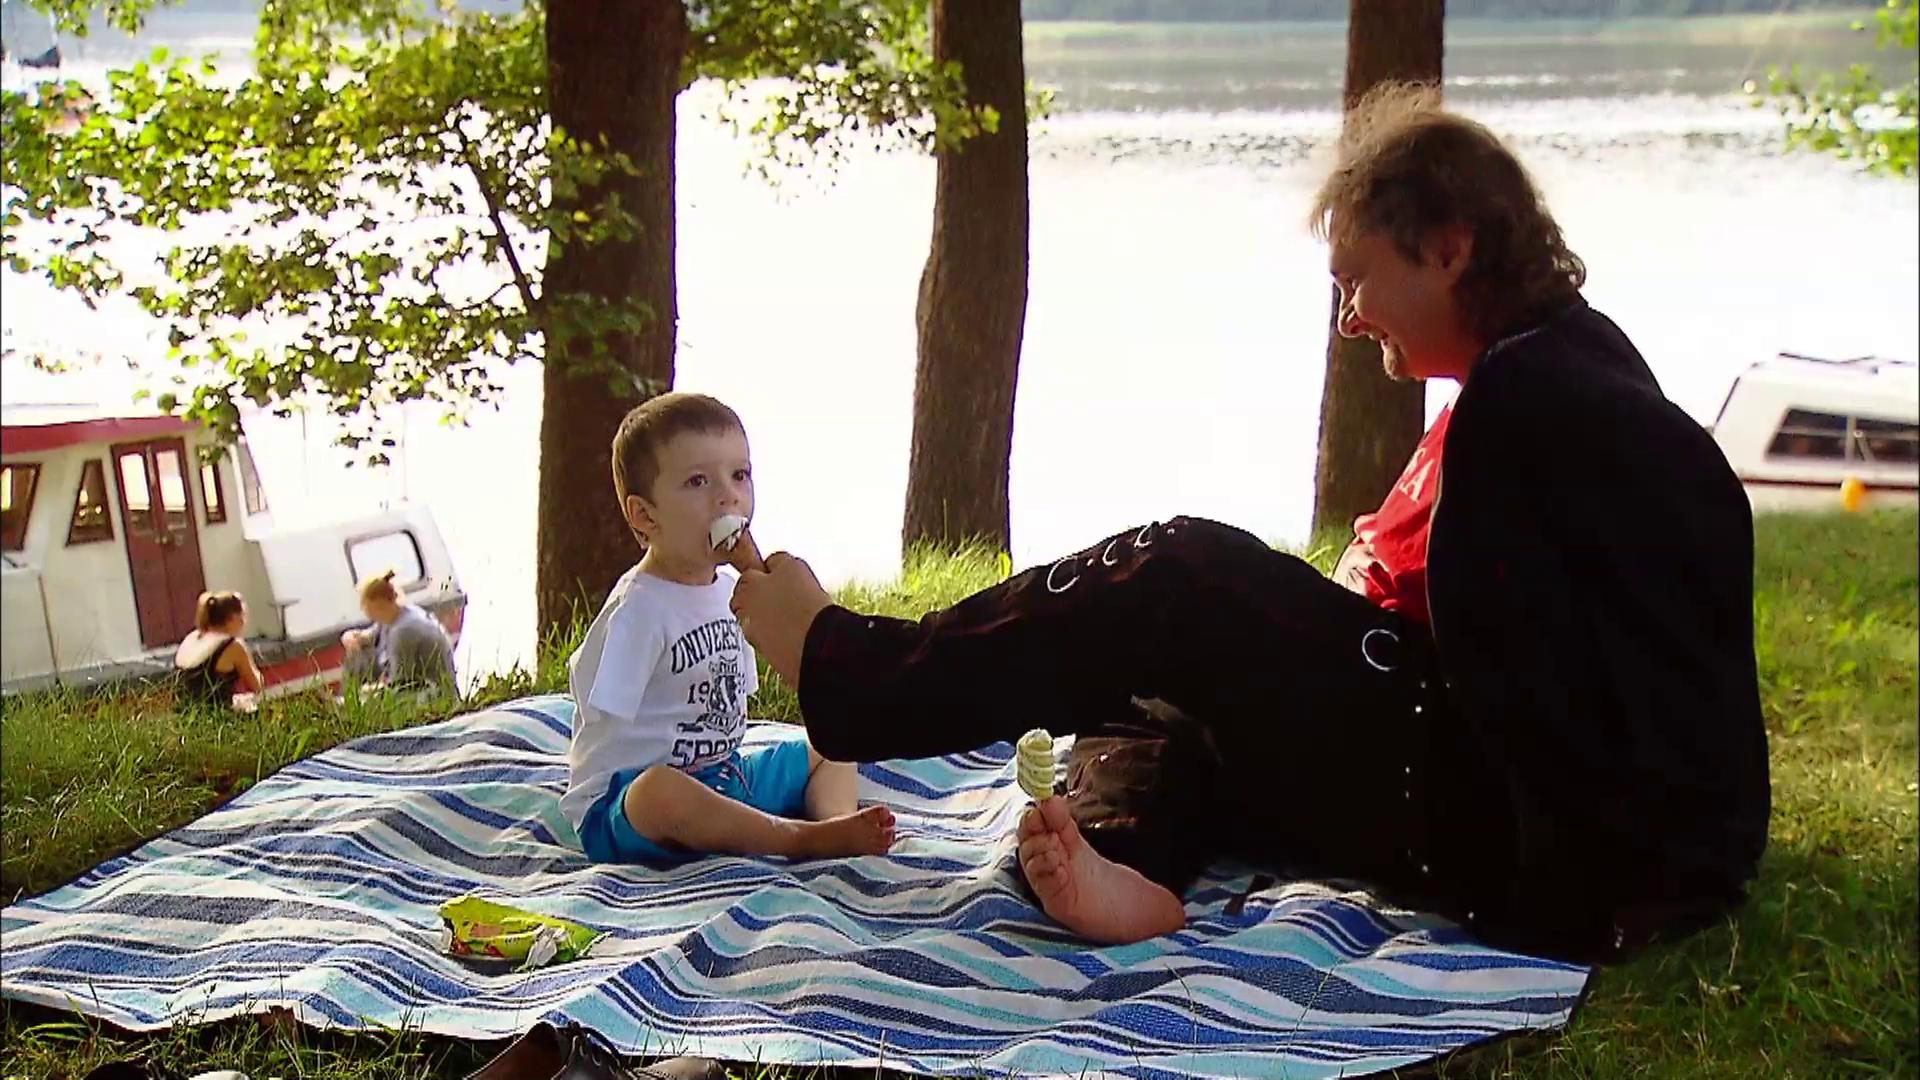 Kadr z filmu. Mężczyzna trzyma w stopach loda, którym karmi Stasia. Siedzą na kocu nad zalewem